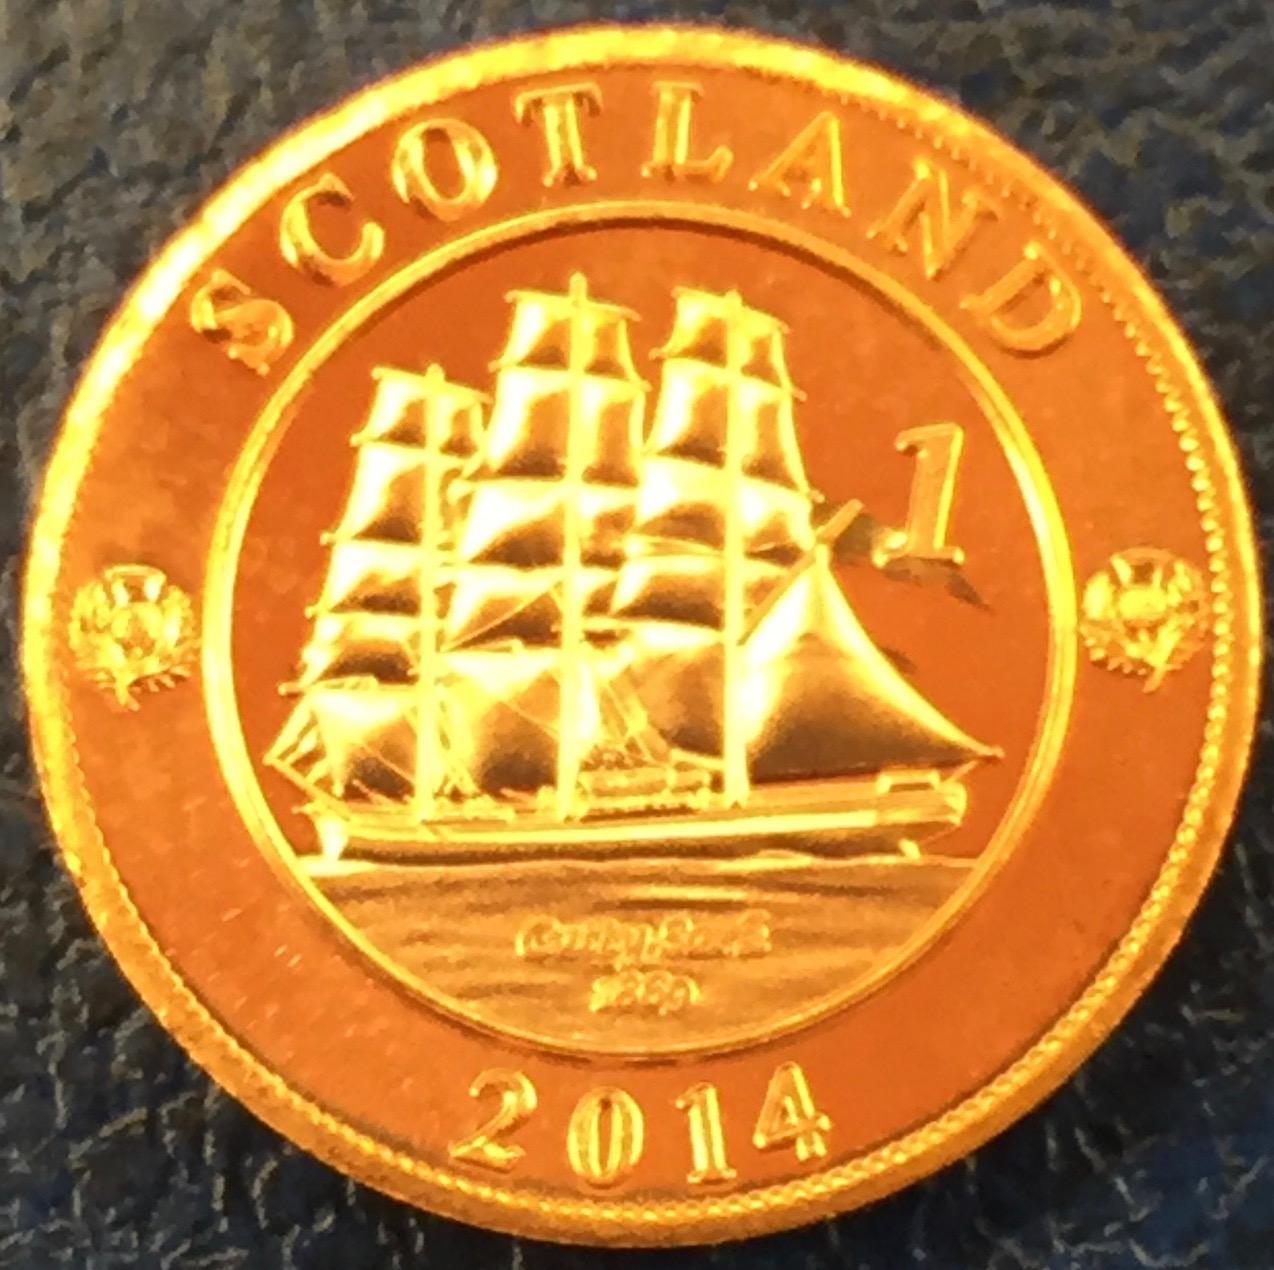 Monedas de lo que pudo ser una Escocia independiente IMG_4416